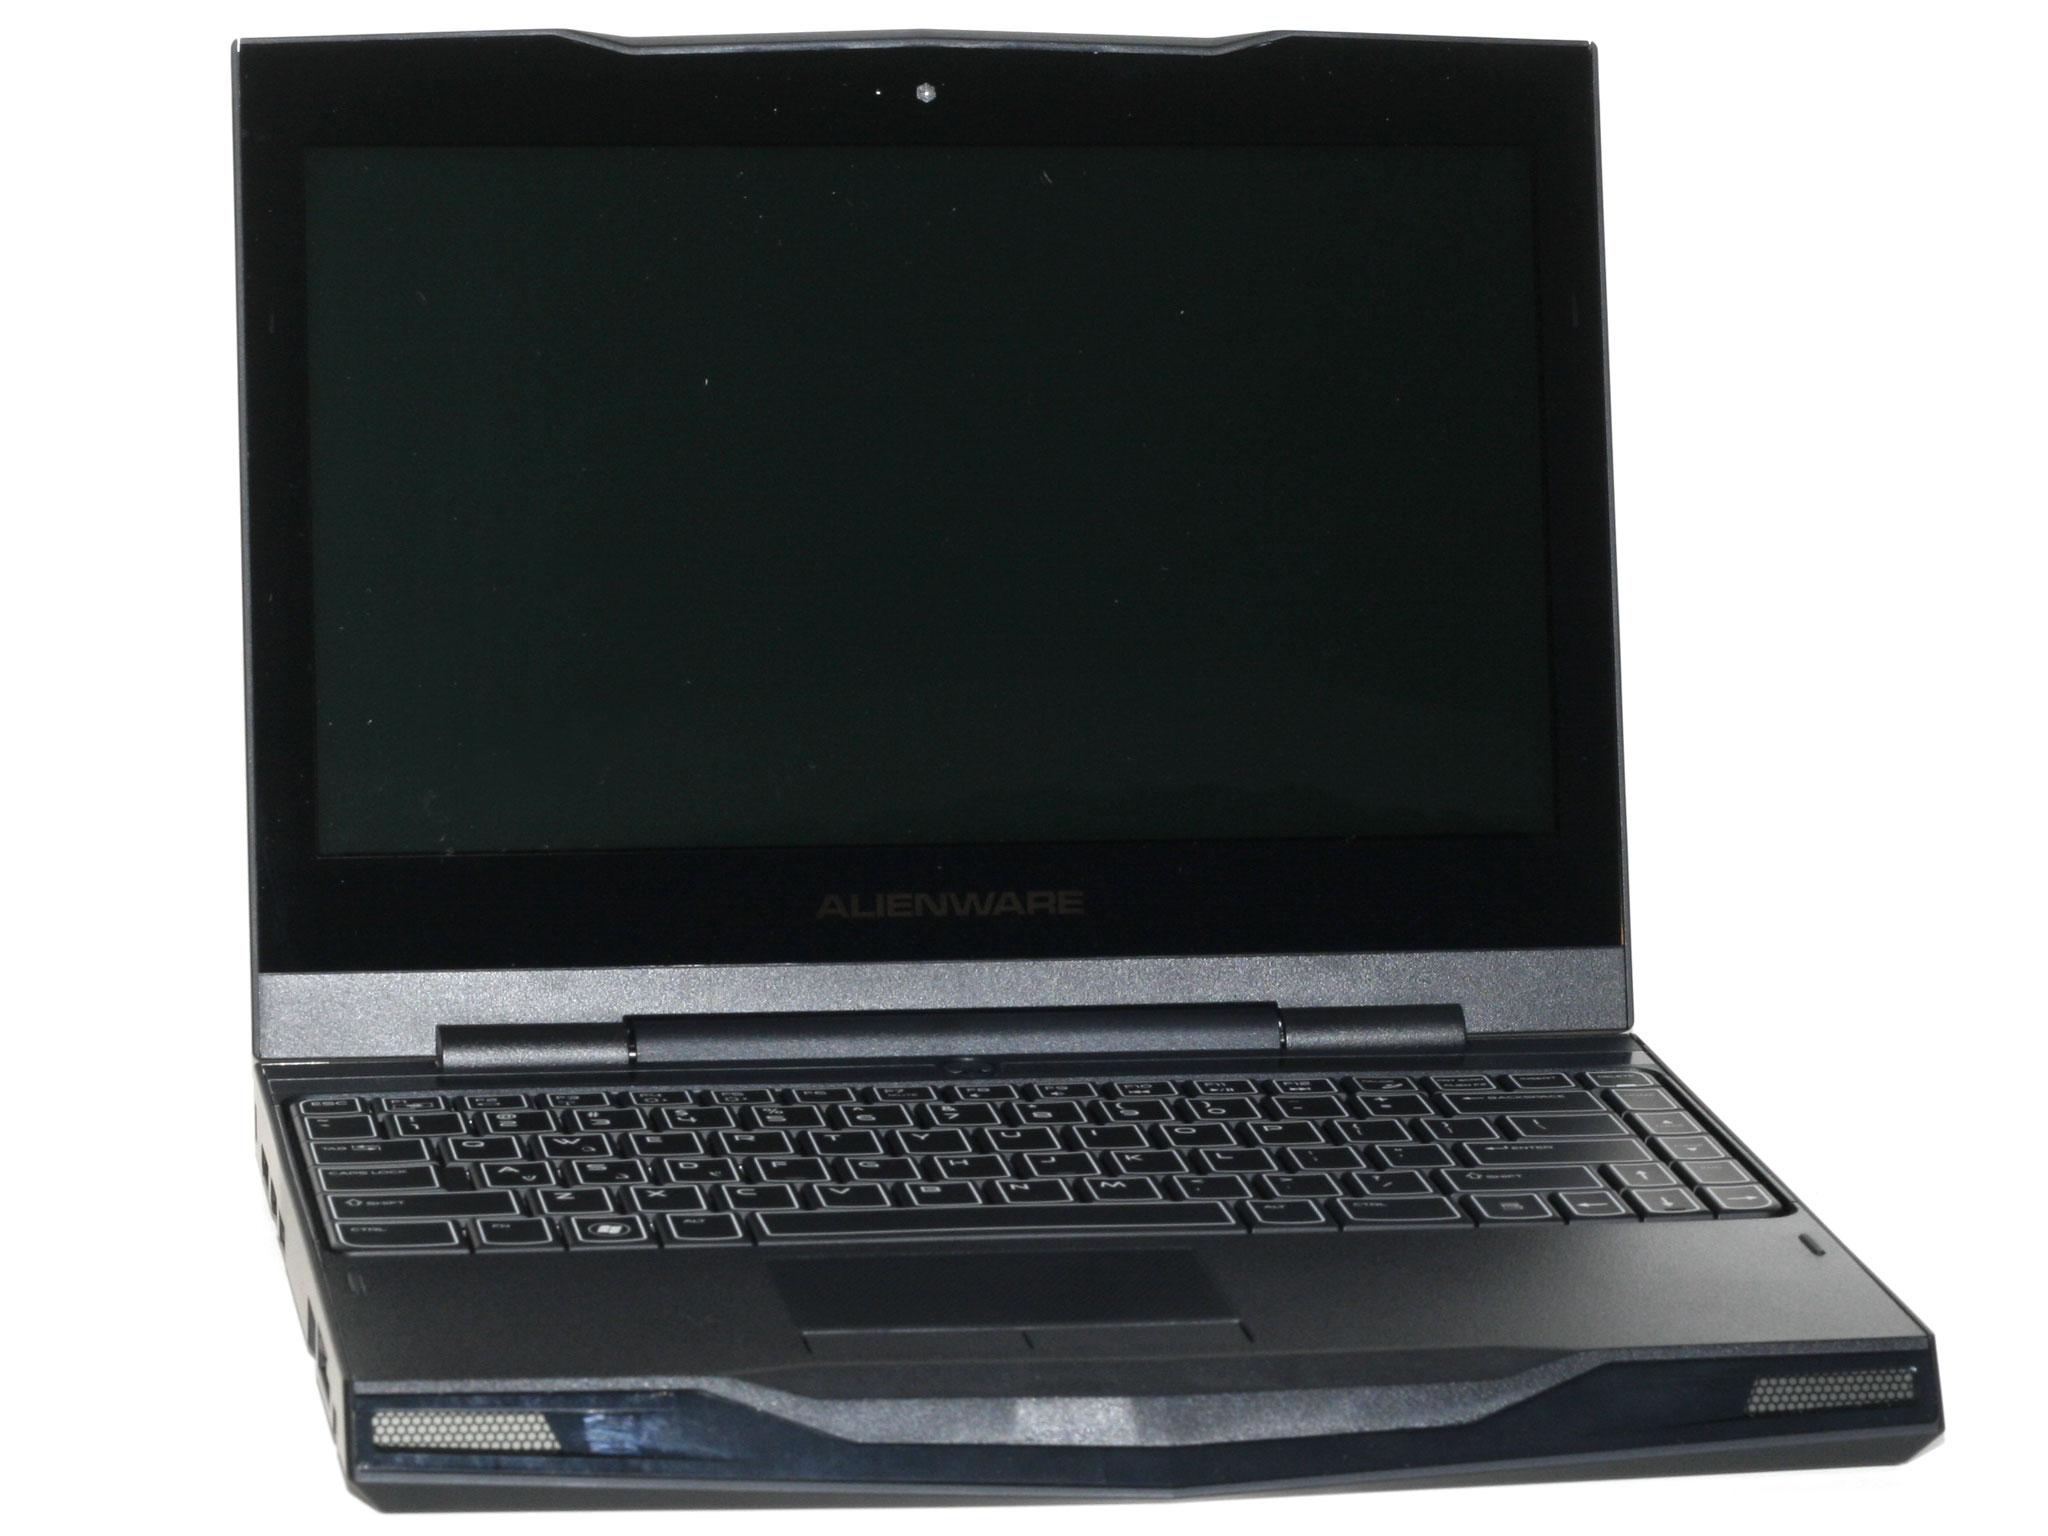 Alienware M11x Notebook IMSM XP